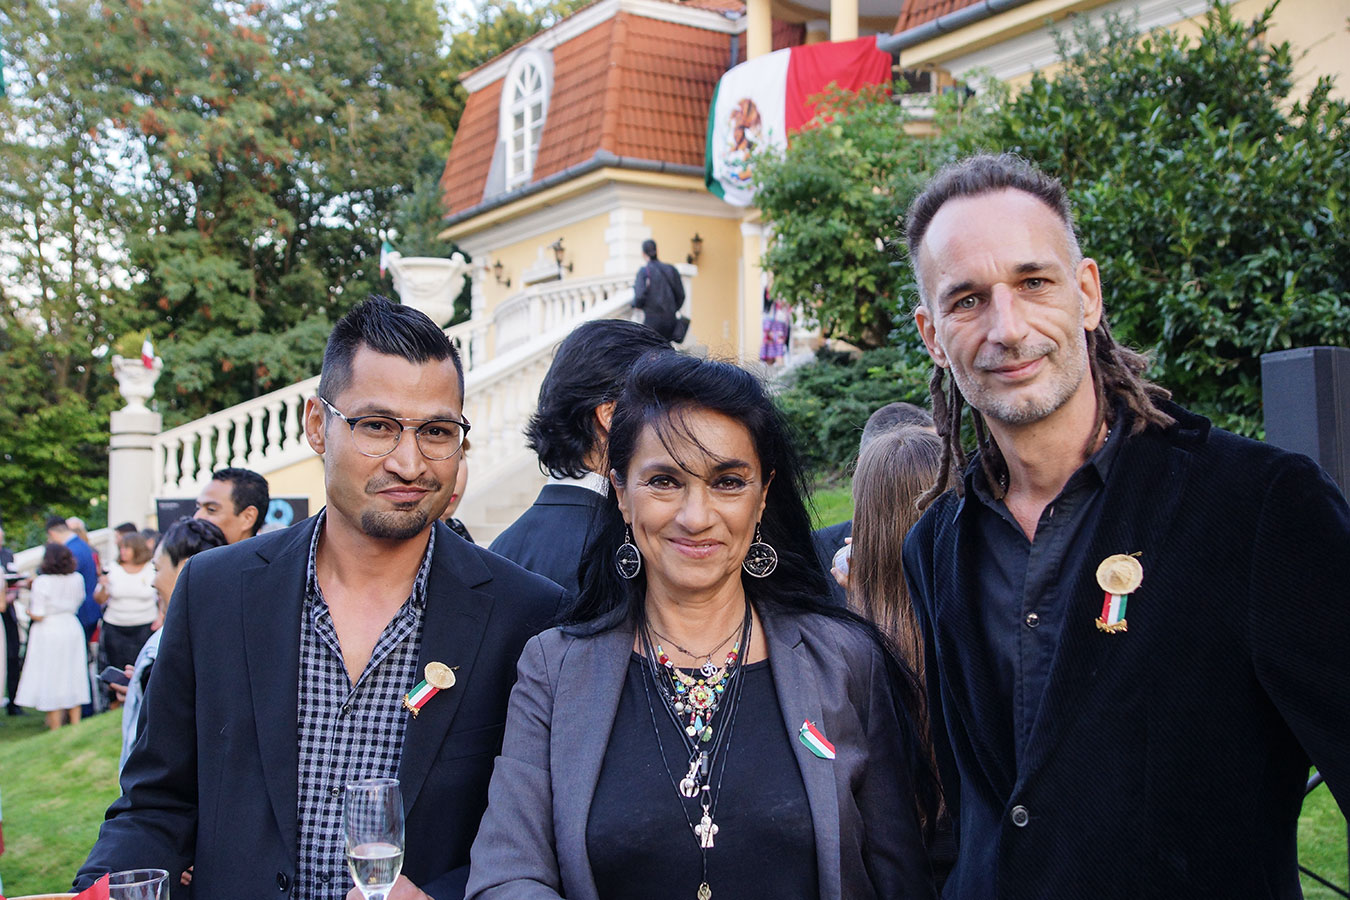 Papadimitriu Athina színésznő baráti társasággal